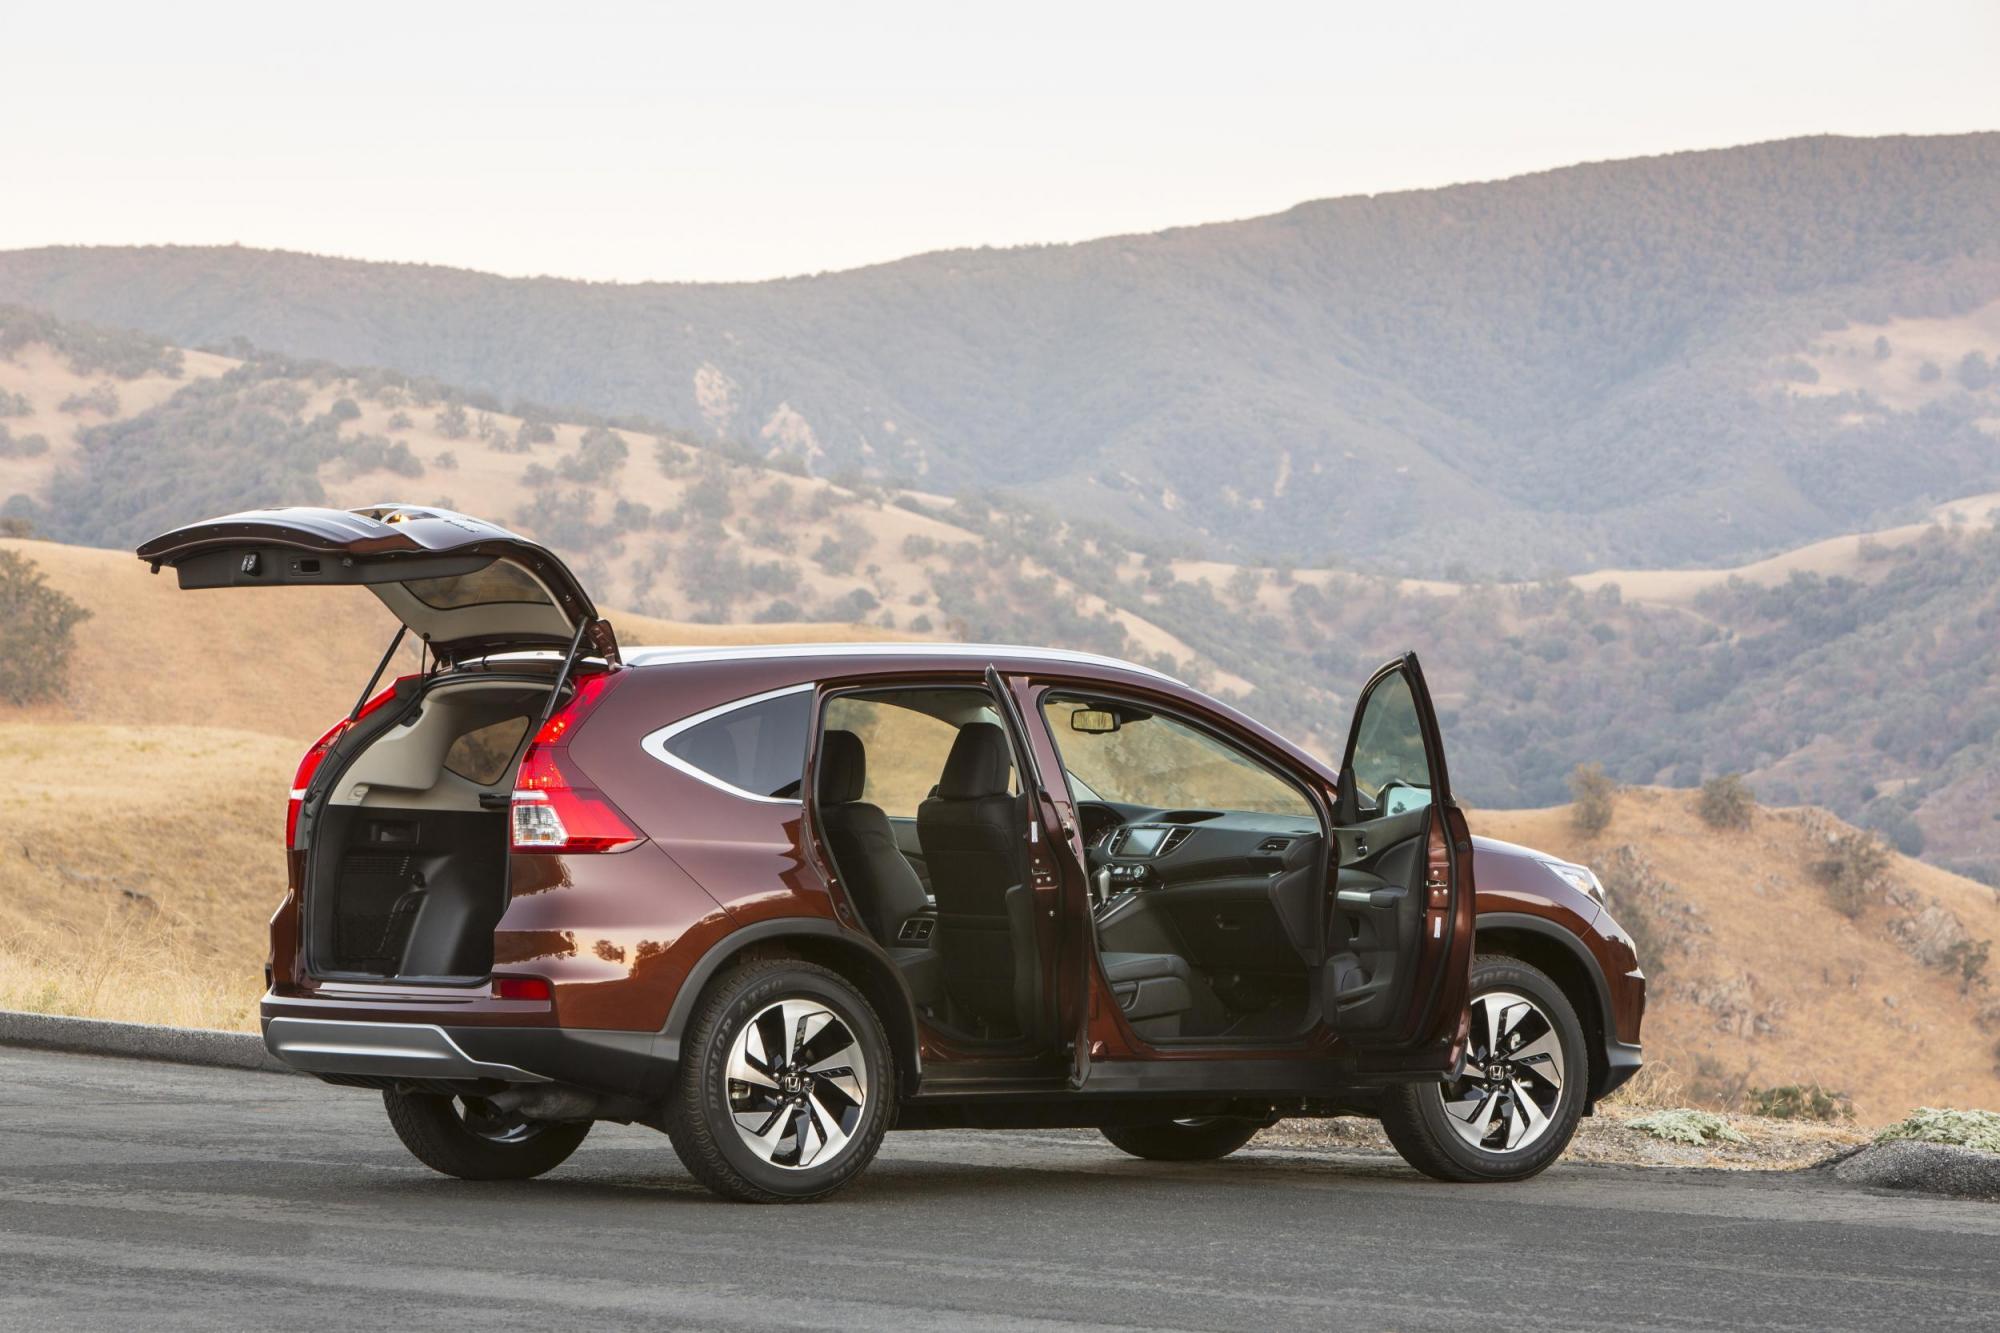 Хонда срв 2015 фото